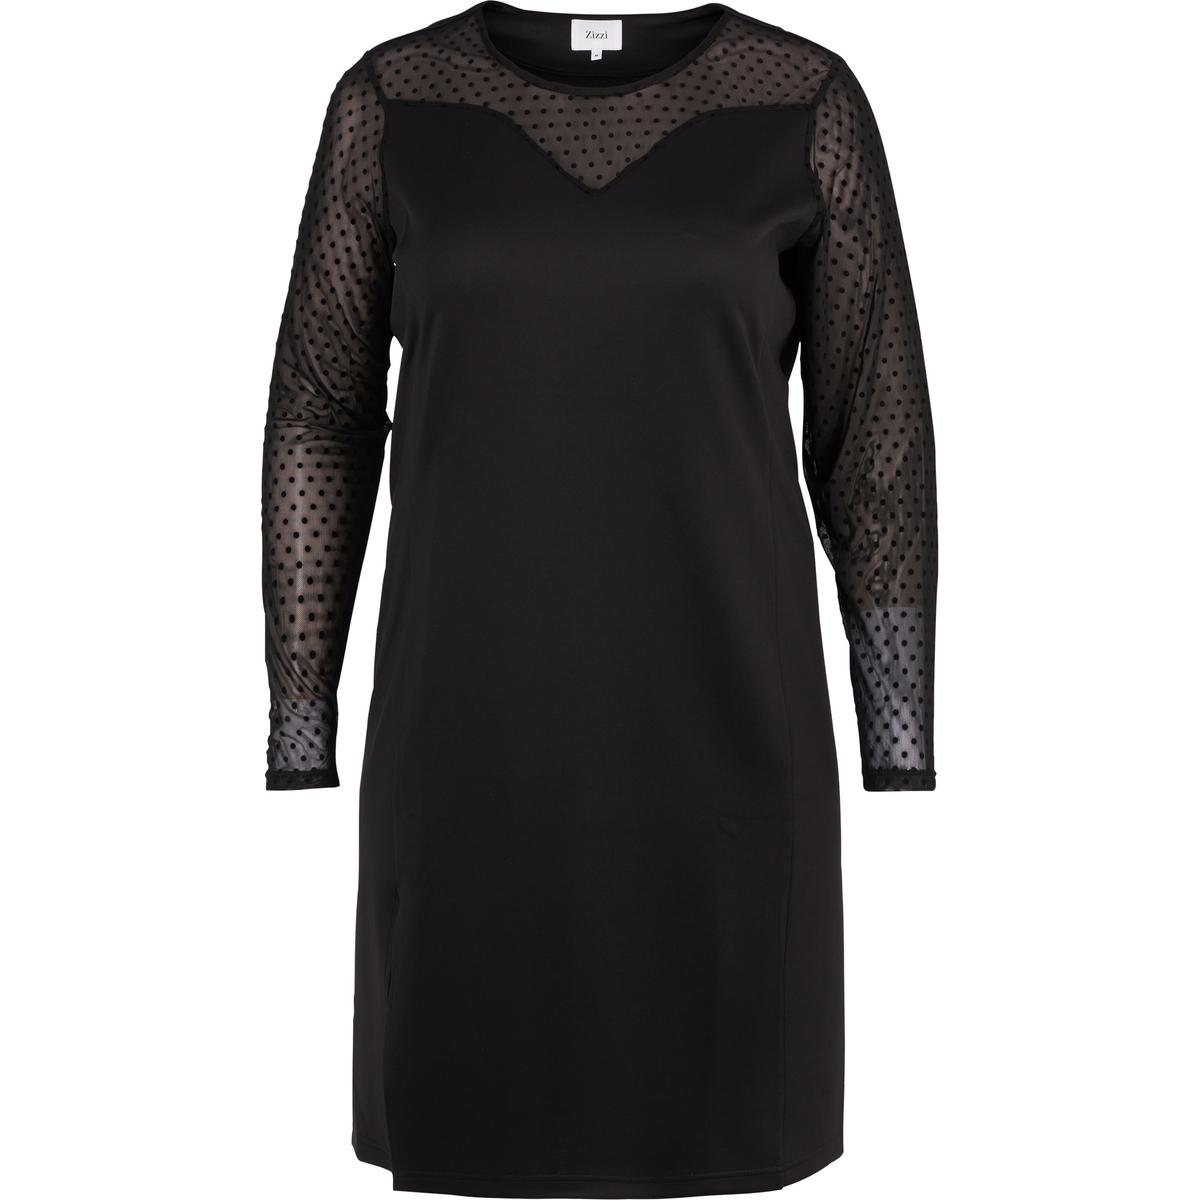 Платье прямое однотонное, средней длины, с длинными рукавамиДетали •  Форма : прямая •  Длина до колен •  Длинные рукава    •  Круглый вырезСостав и уход •  5% эластана, 95% полиэстера  •  Следуйте советам по уходу, указанным на этикеткеТовар из коллекции больших размеров<br><br>Цвет: черный